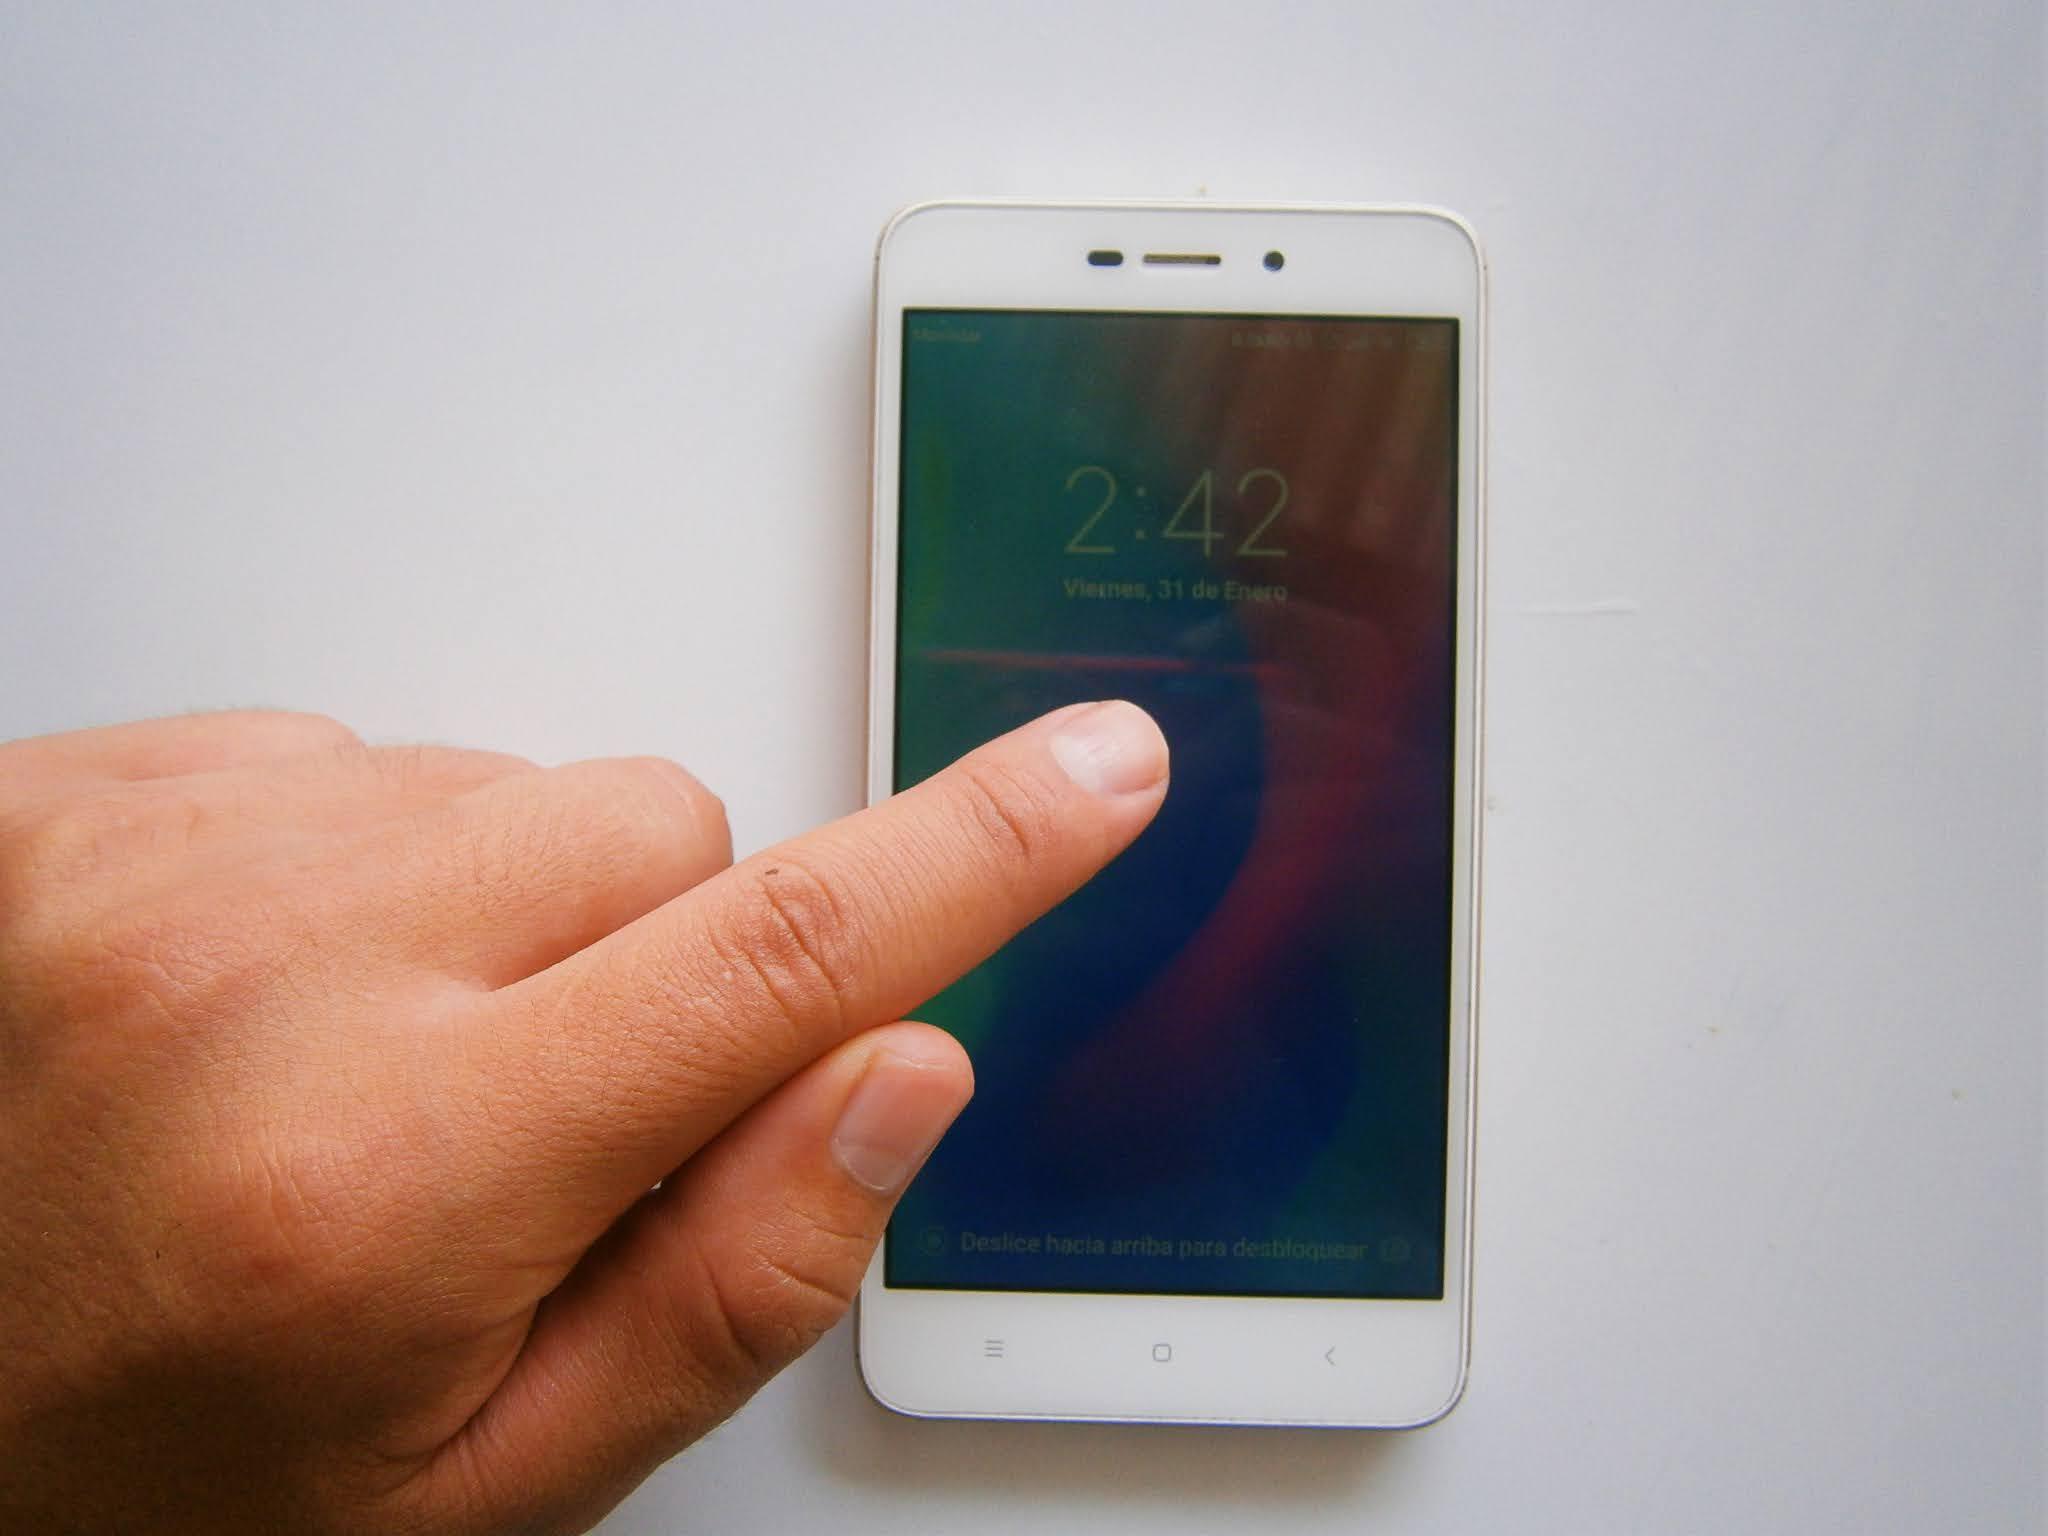 fotografía de Vista previa de un SmartPhone XIAOMI